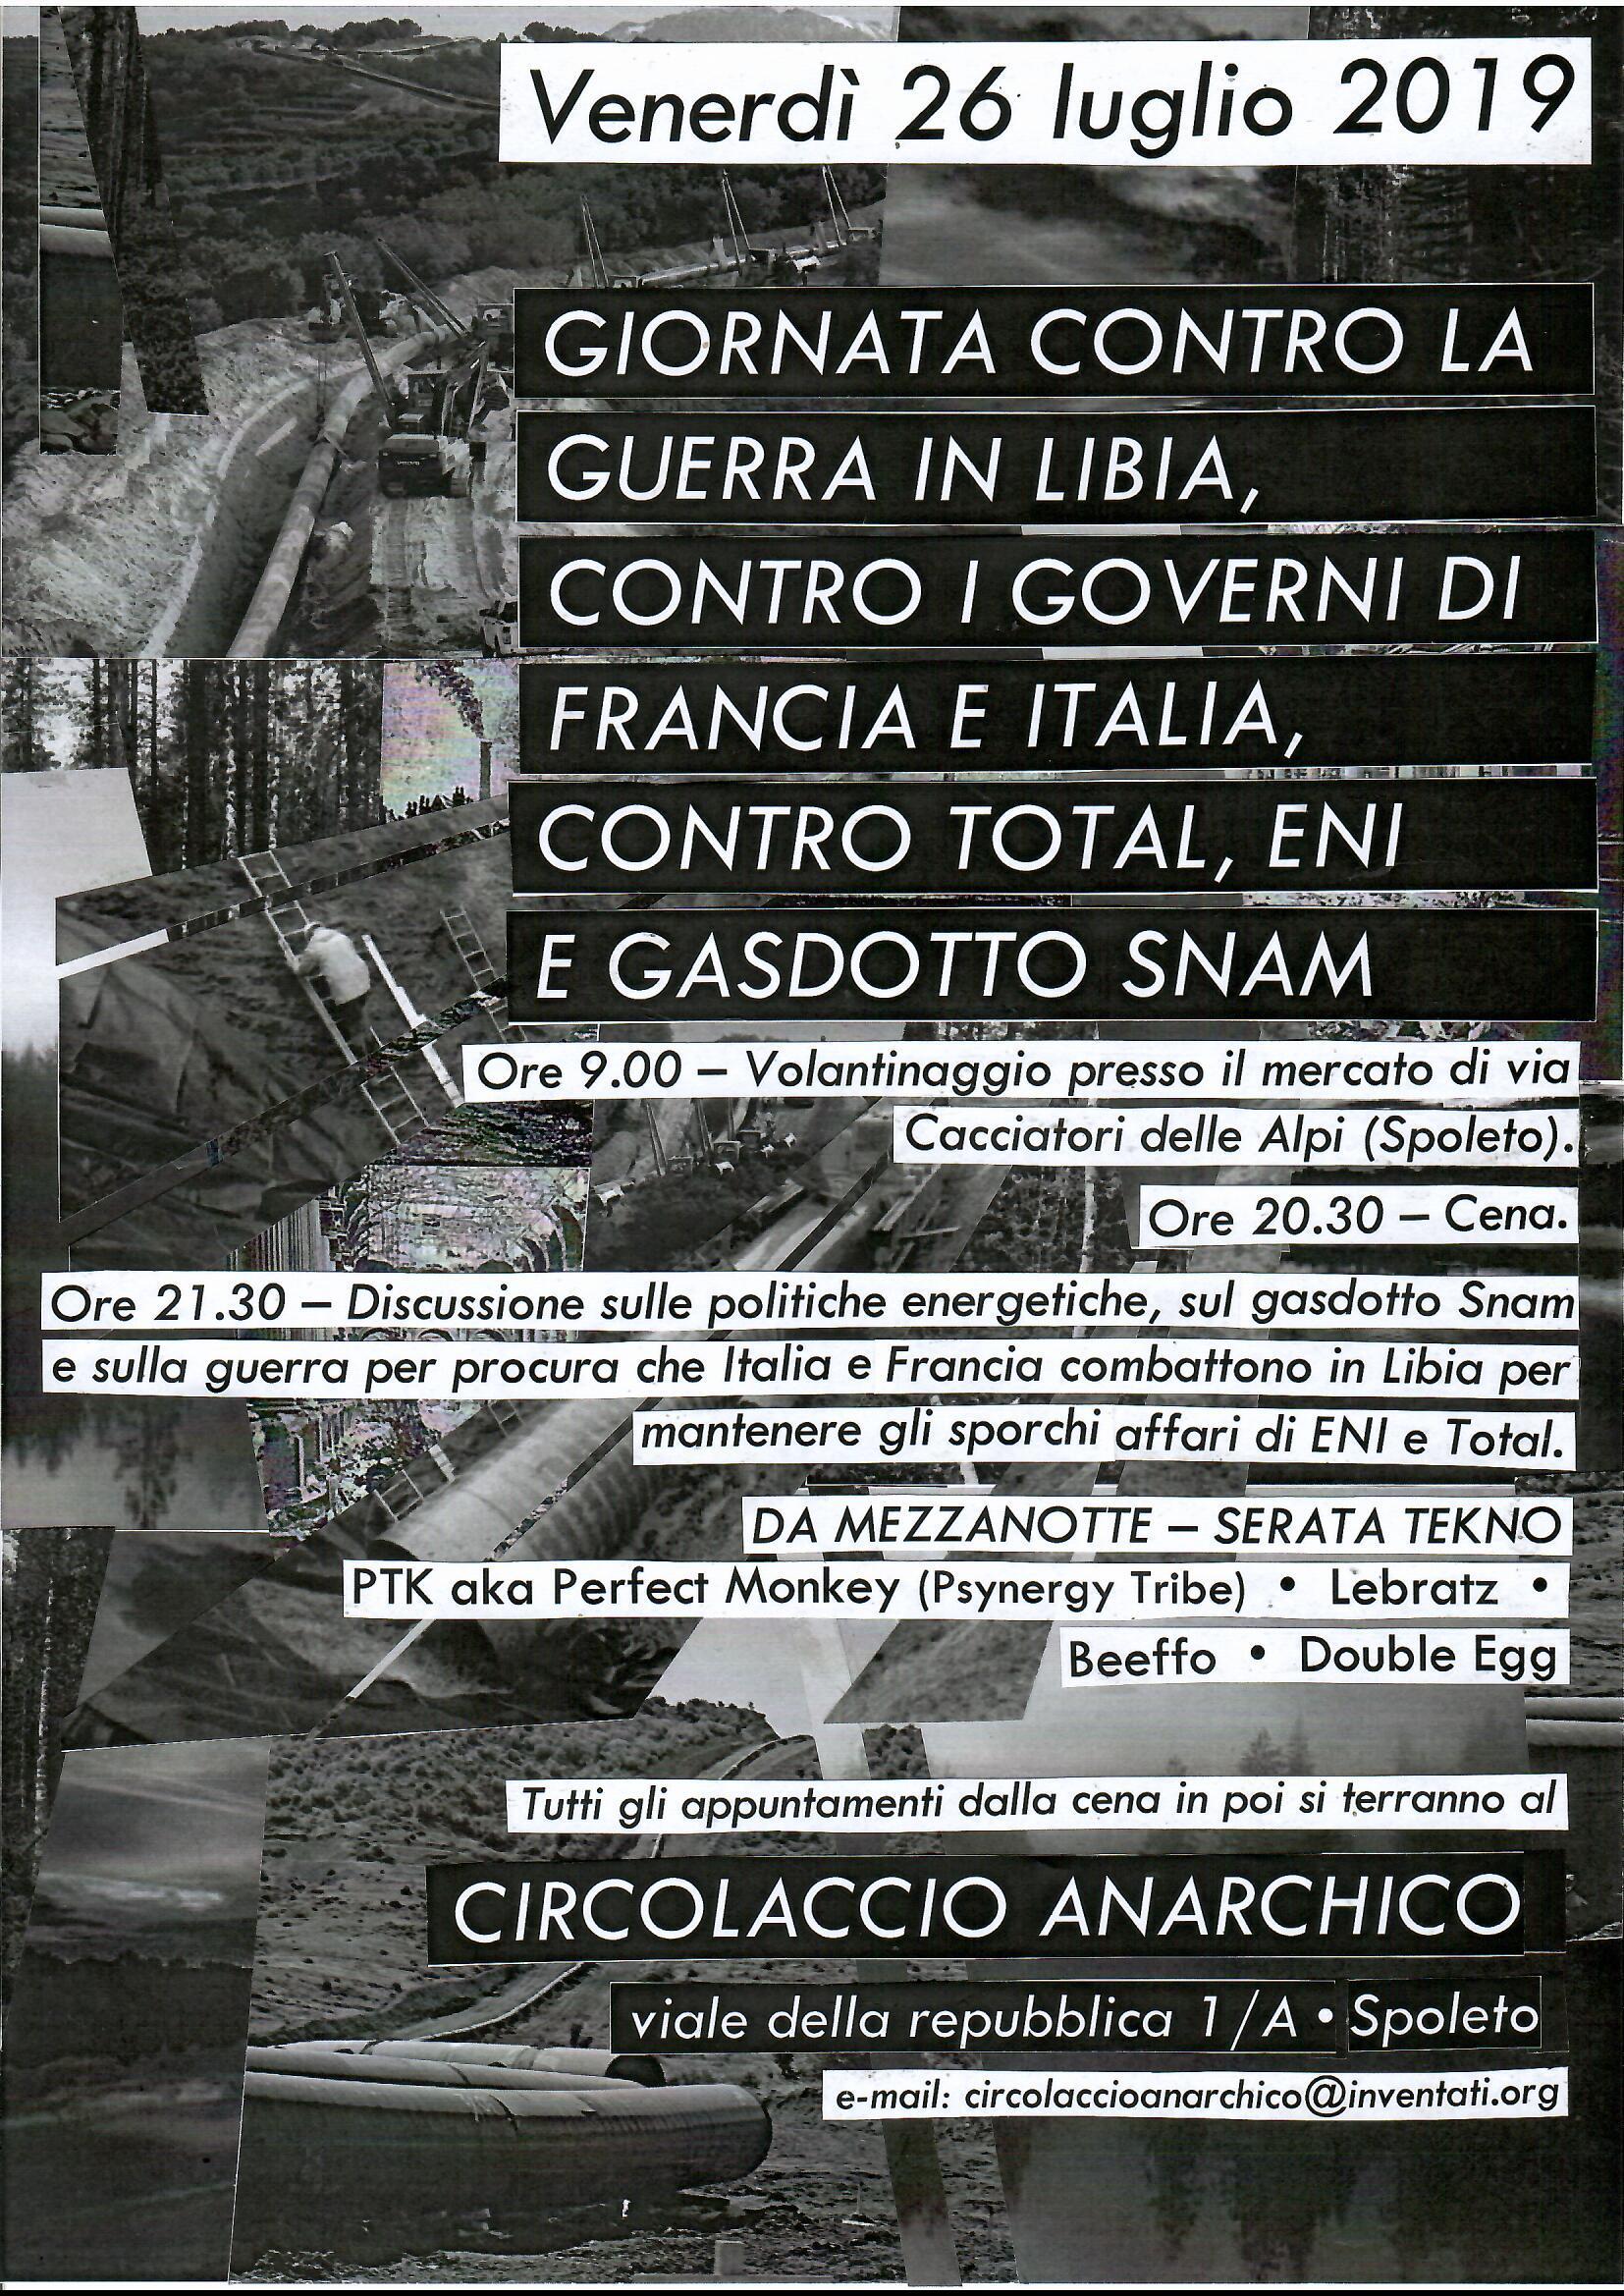 https://lasibilla.noblogs.org/files/2019/07/26-07-19-giornata-contro-il-gasdottoserata-tekno.jpg